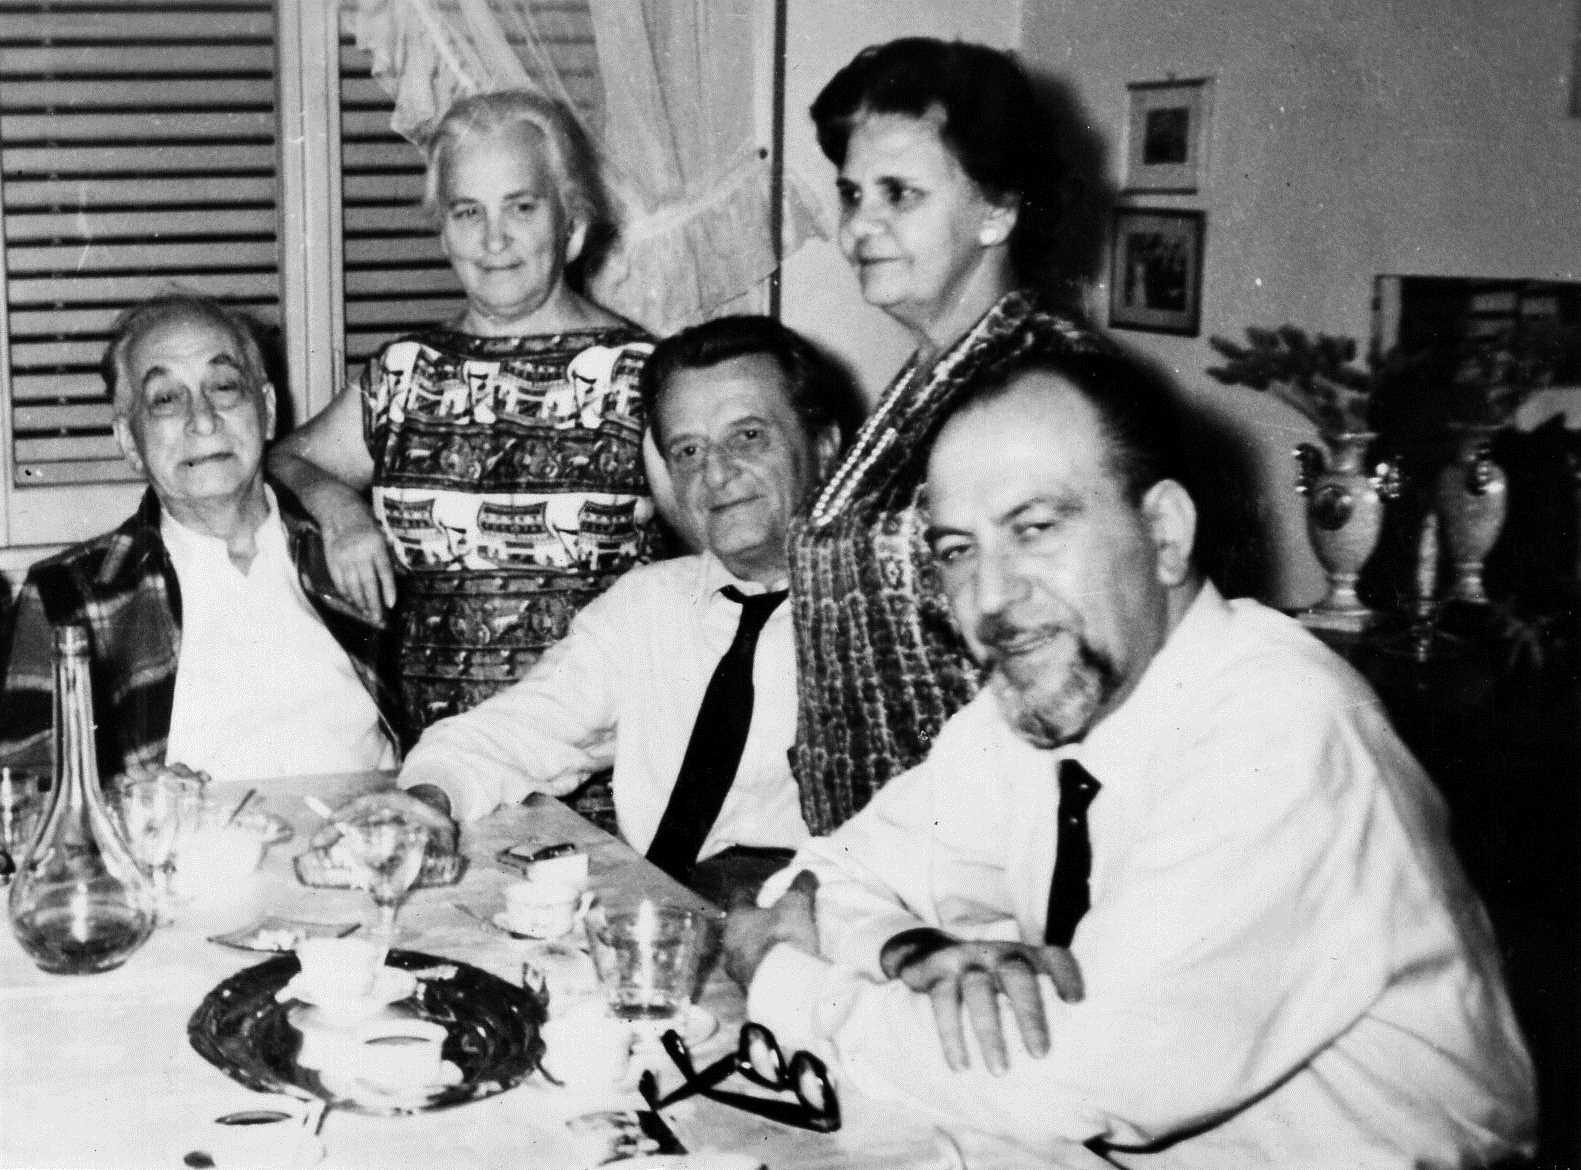 Sopar a casa de Borghi (Roma). D'esquerra a dreta: Armando Borghi, Pia Zanolli Misèfari, Mario Mantovani, Catina Ciullo i Umberto Marzocchi